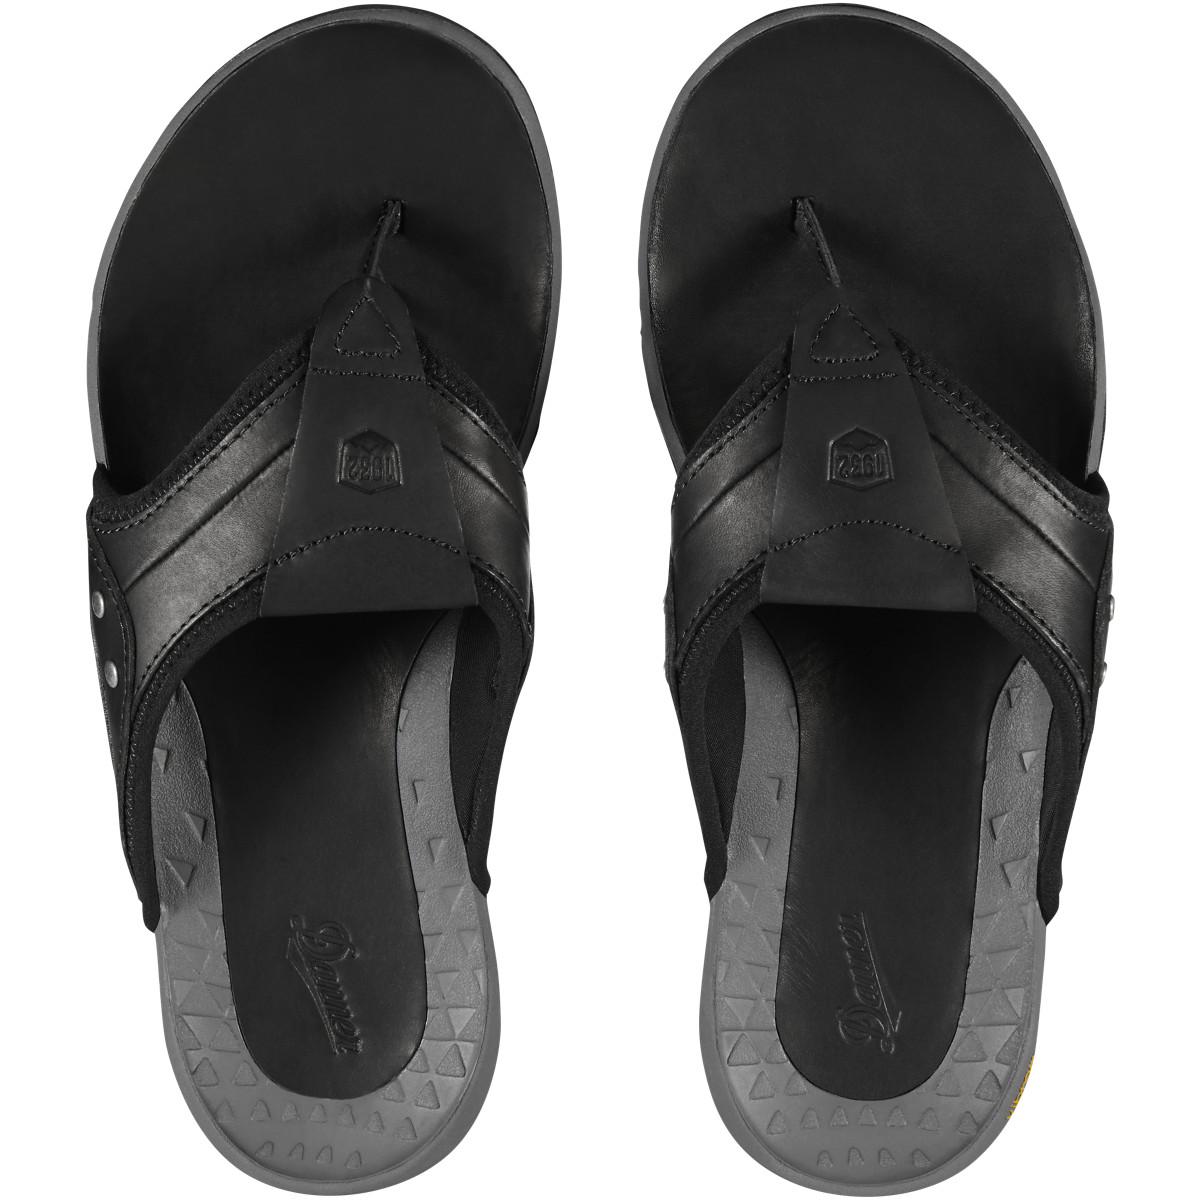 Lost Coast Sandal Black